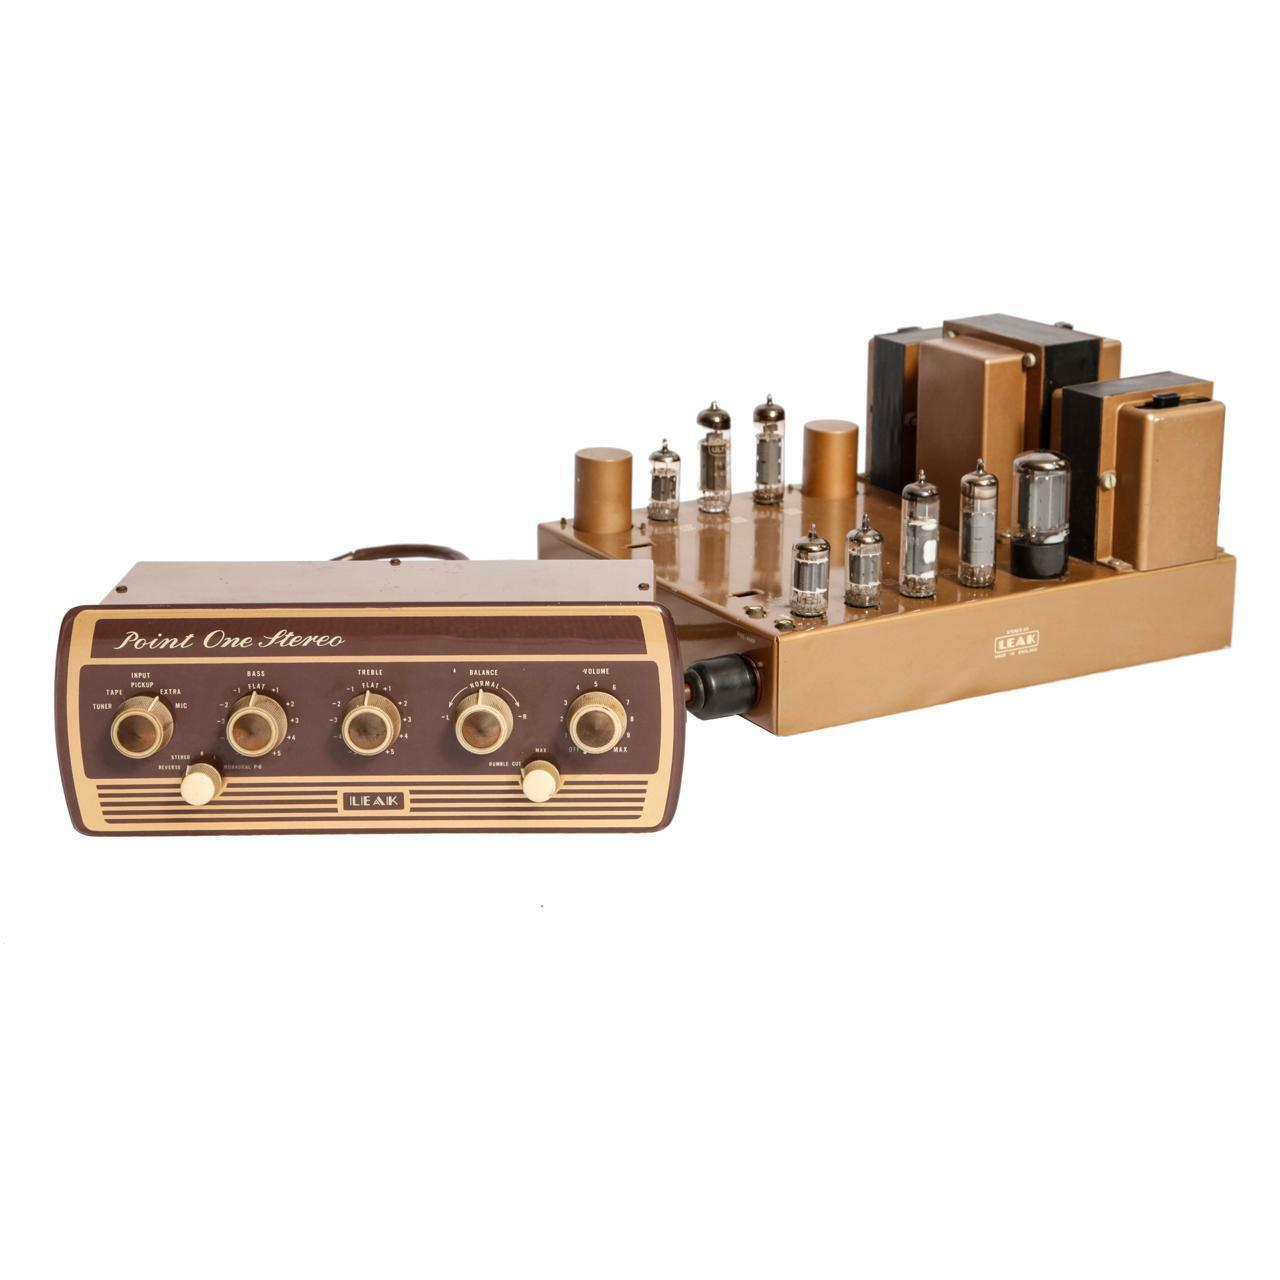 Leak Amplifier